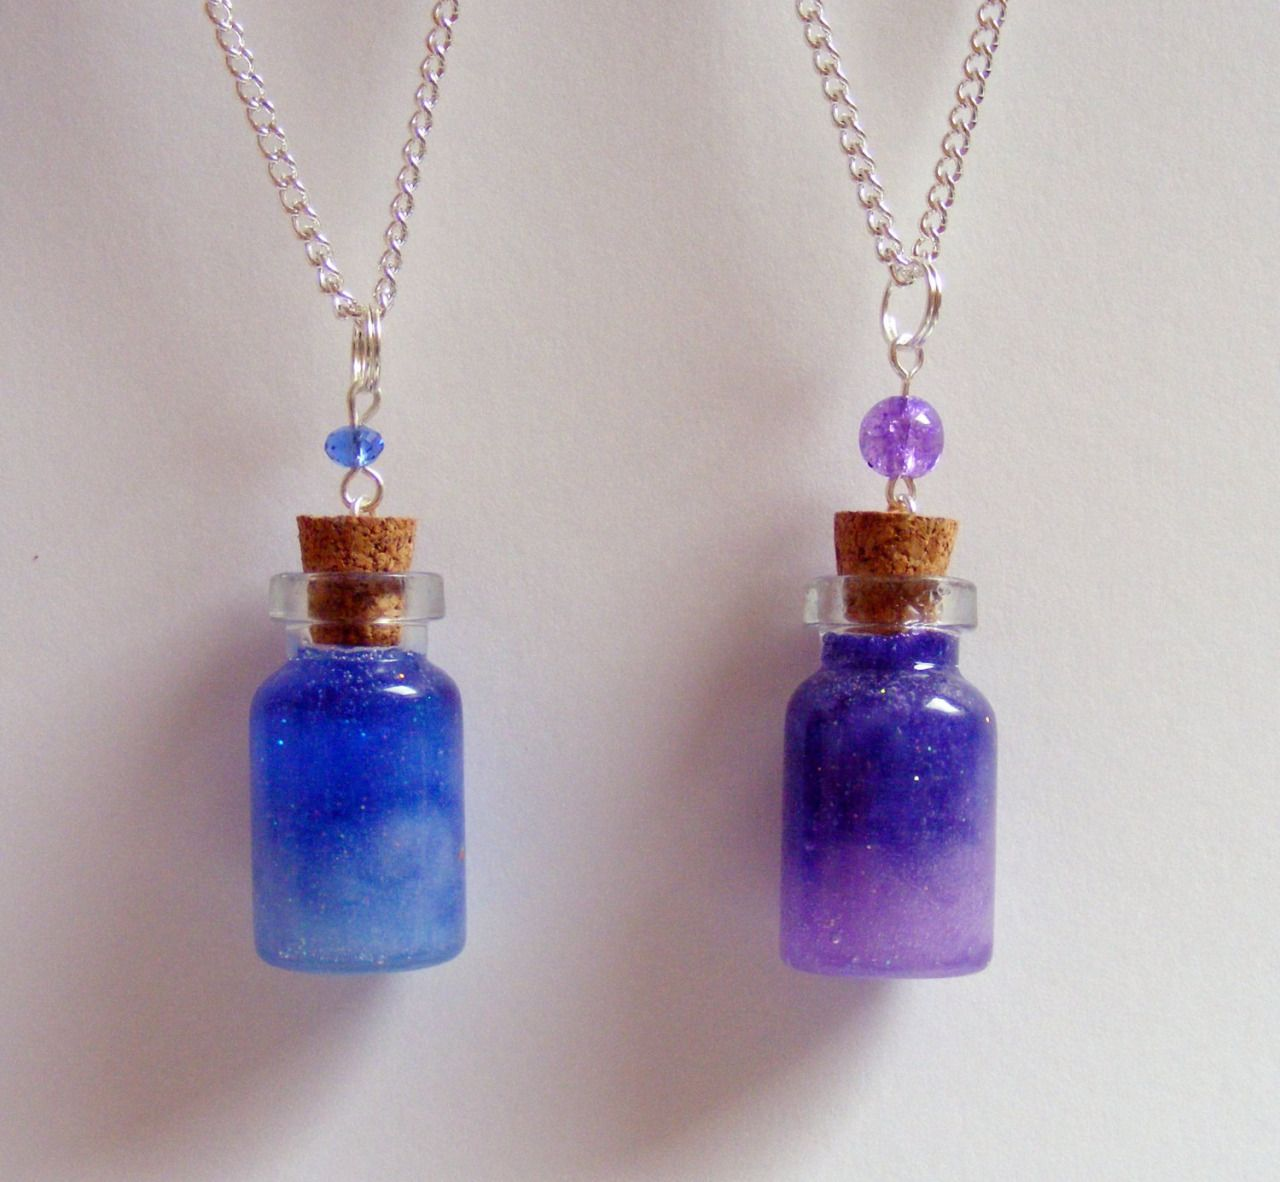 neateats jewelry — #galaxy nebula pendant #miniature bottle